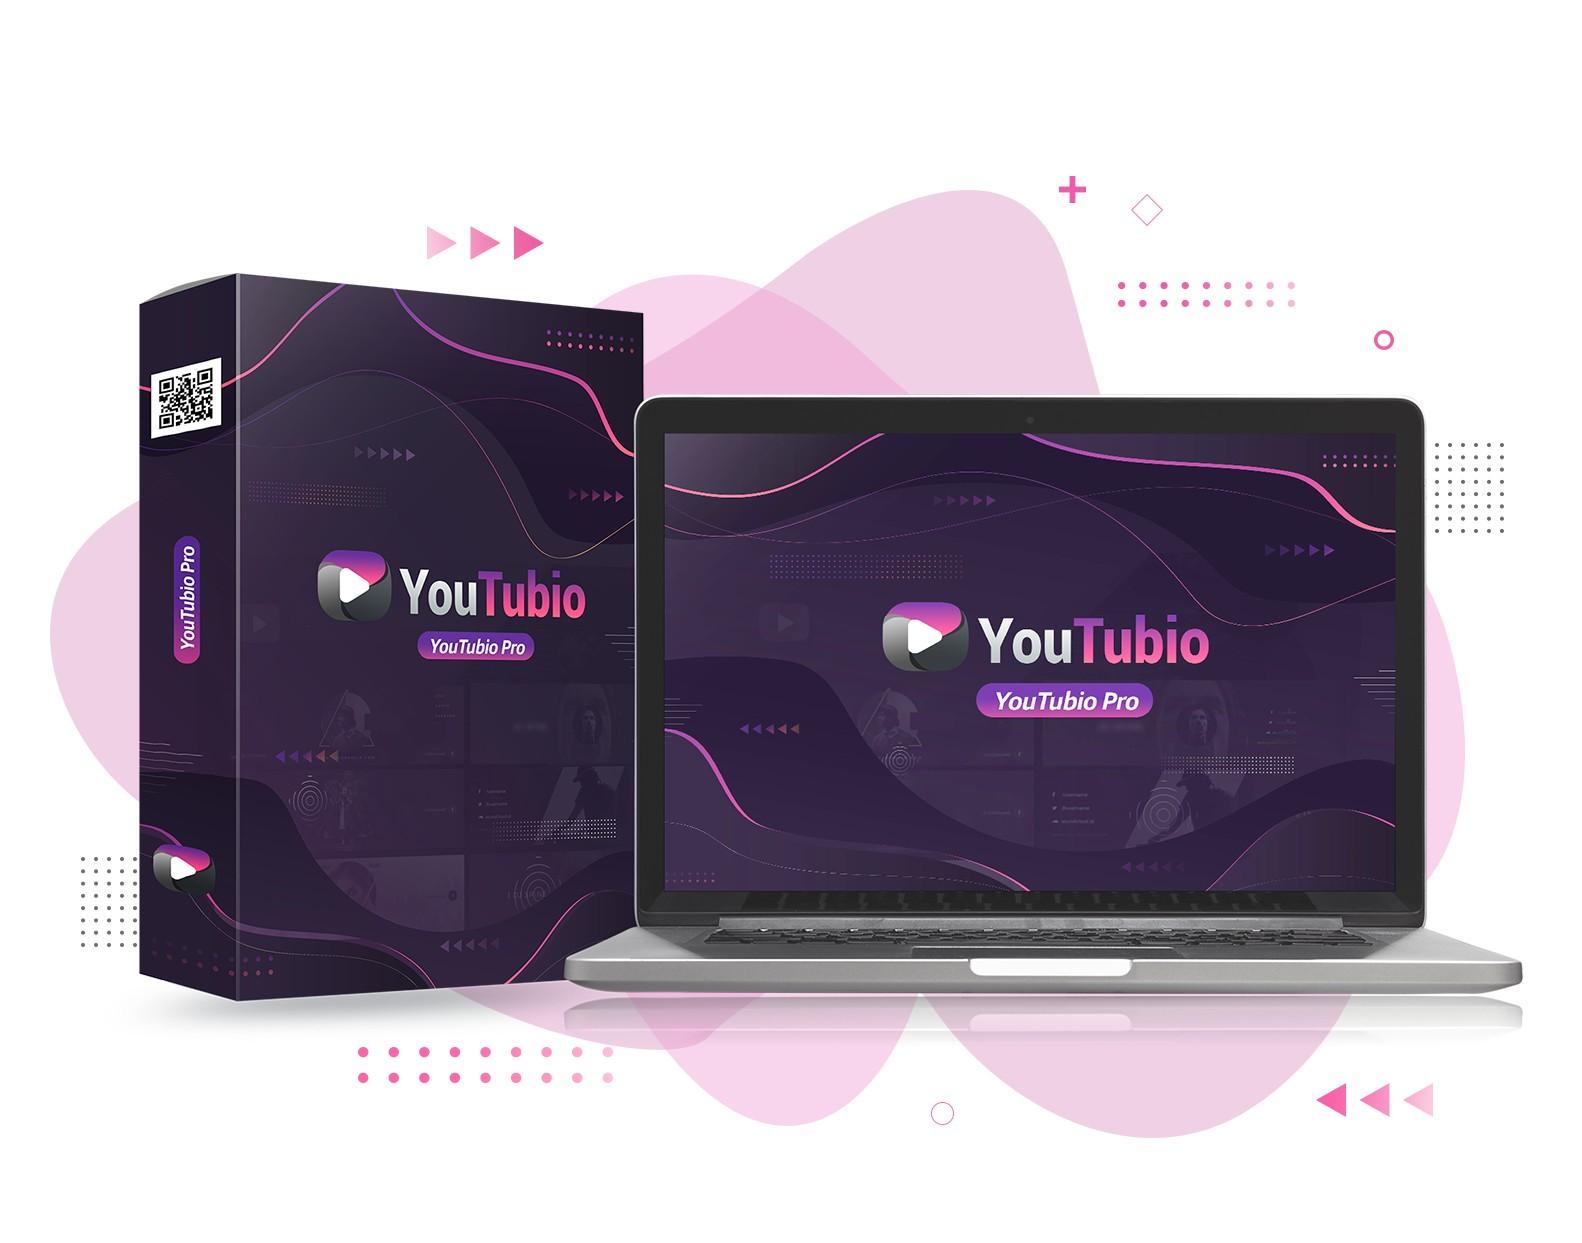 Youtubio-oto-1